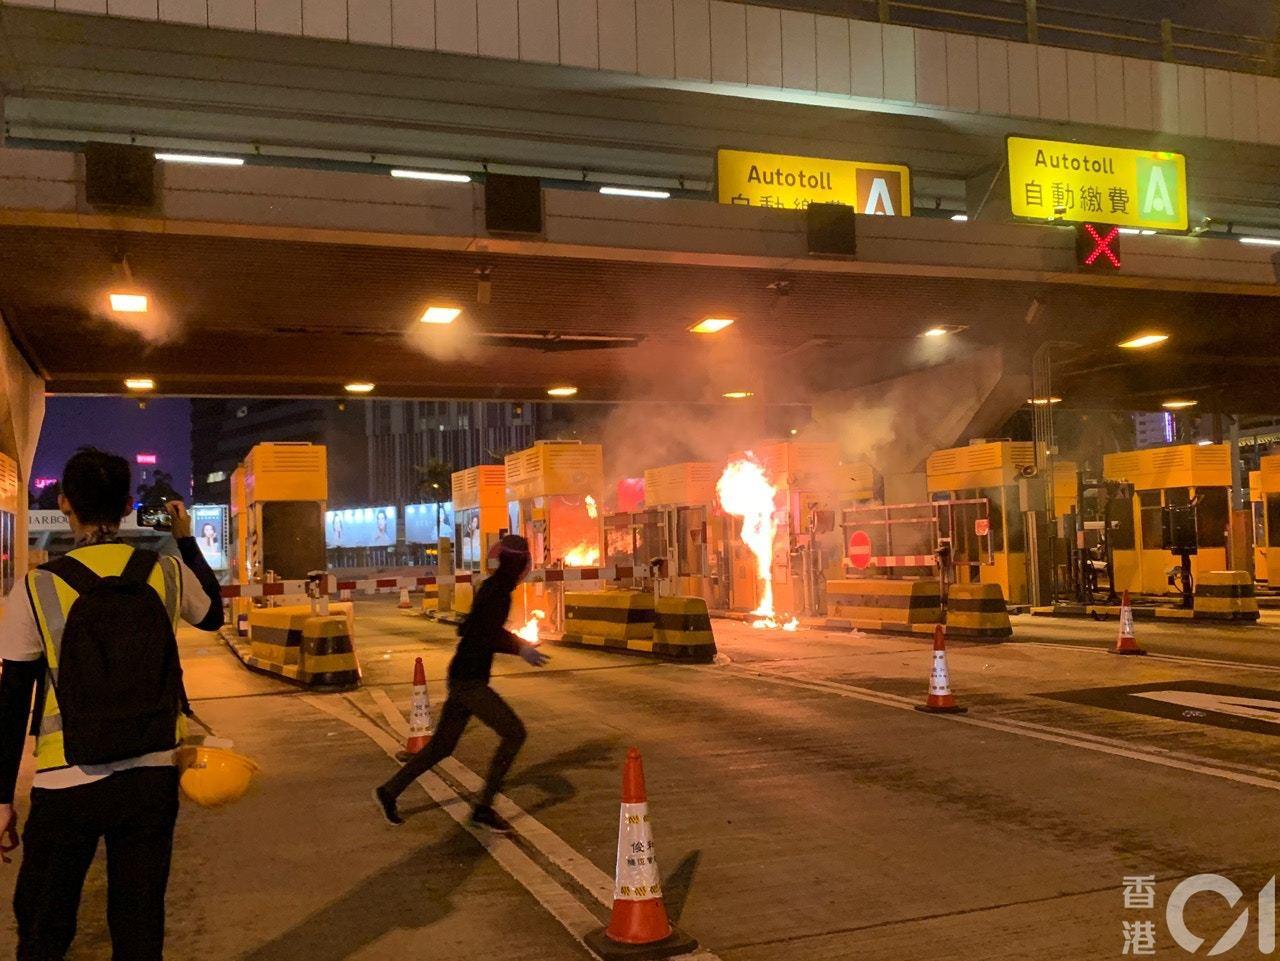 香港紅磡海底隧道收費亭、電箱等多處被縱火。(香港01)